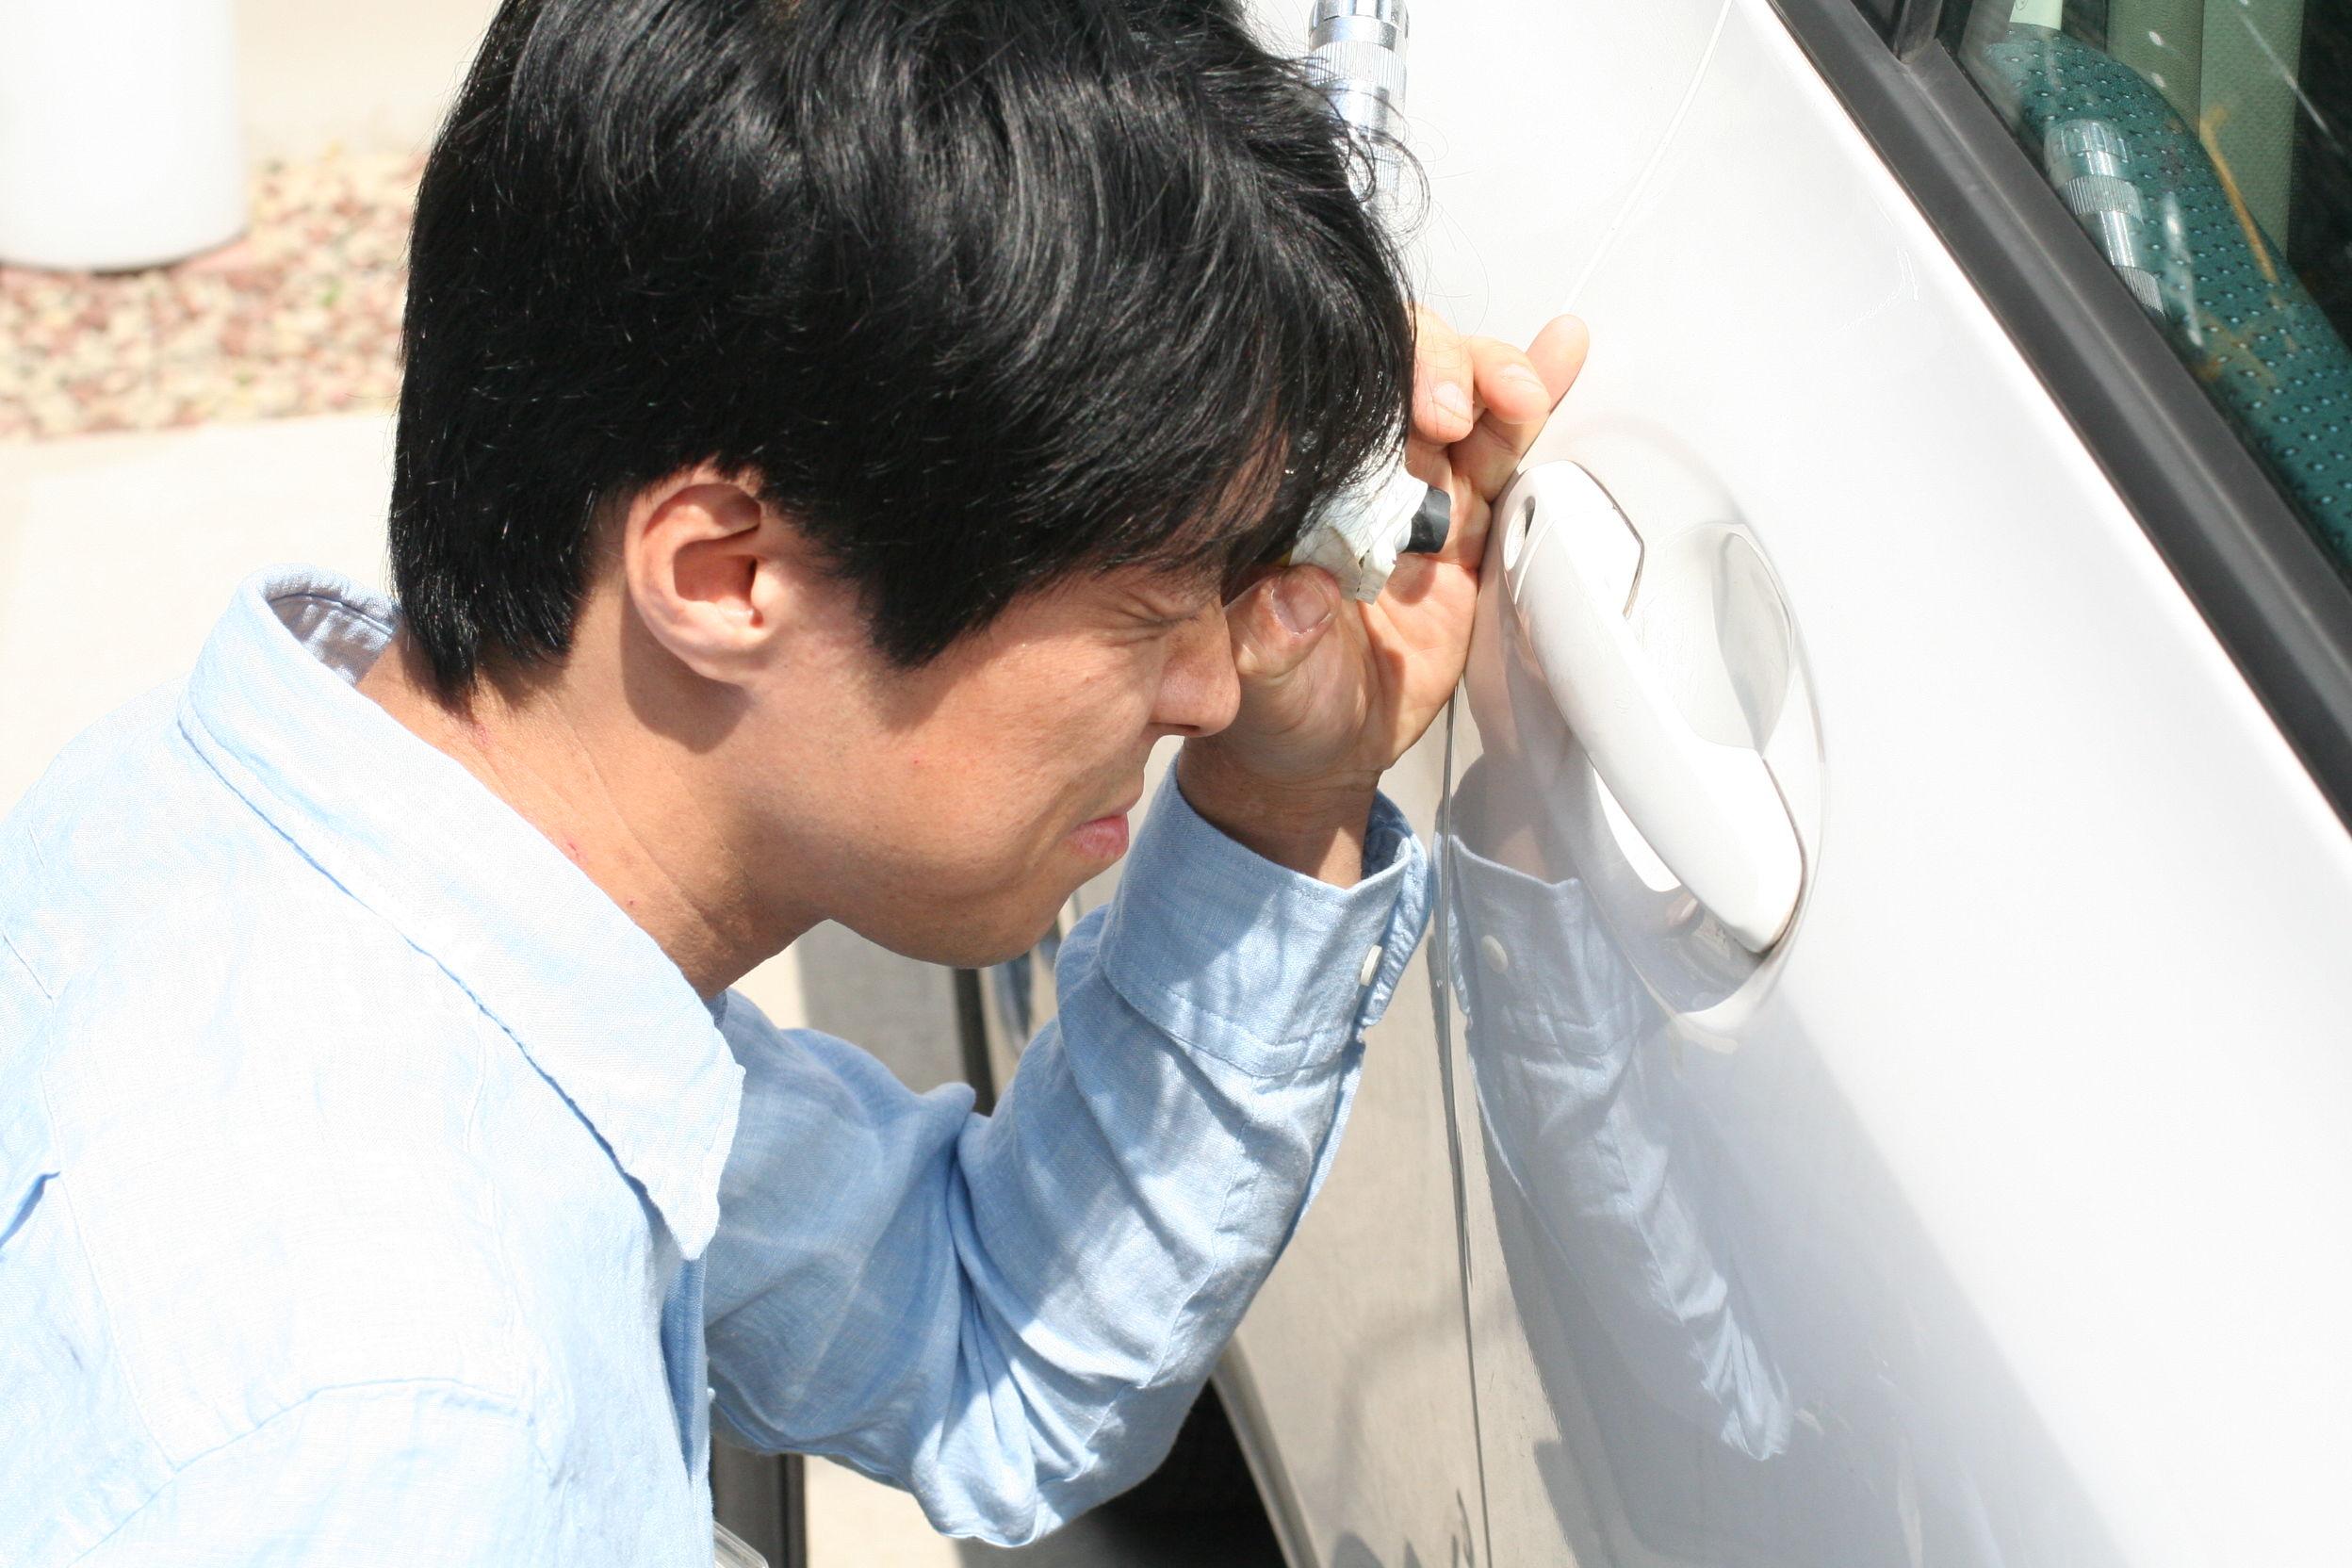 カギのトラブル救Q隊.24【清須市 出張エリア】のメイン画像